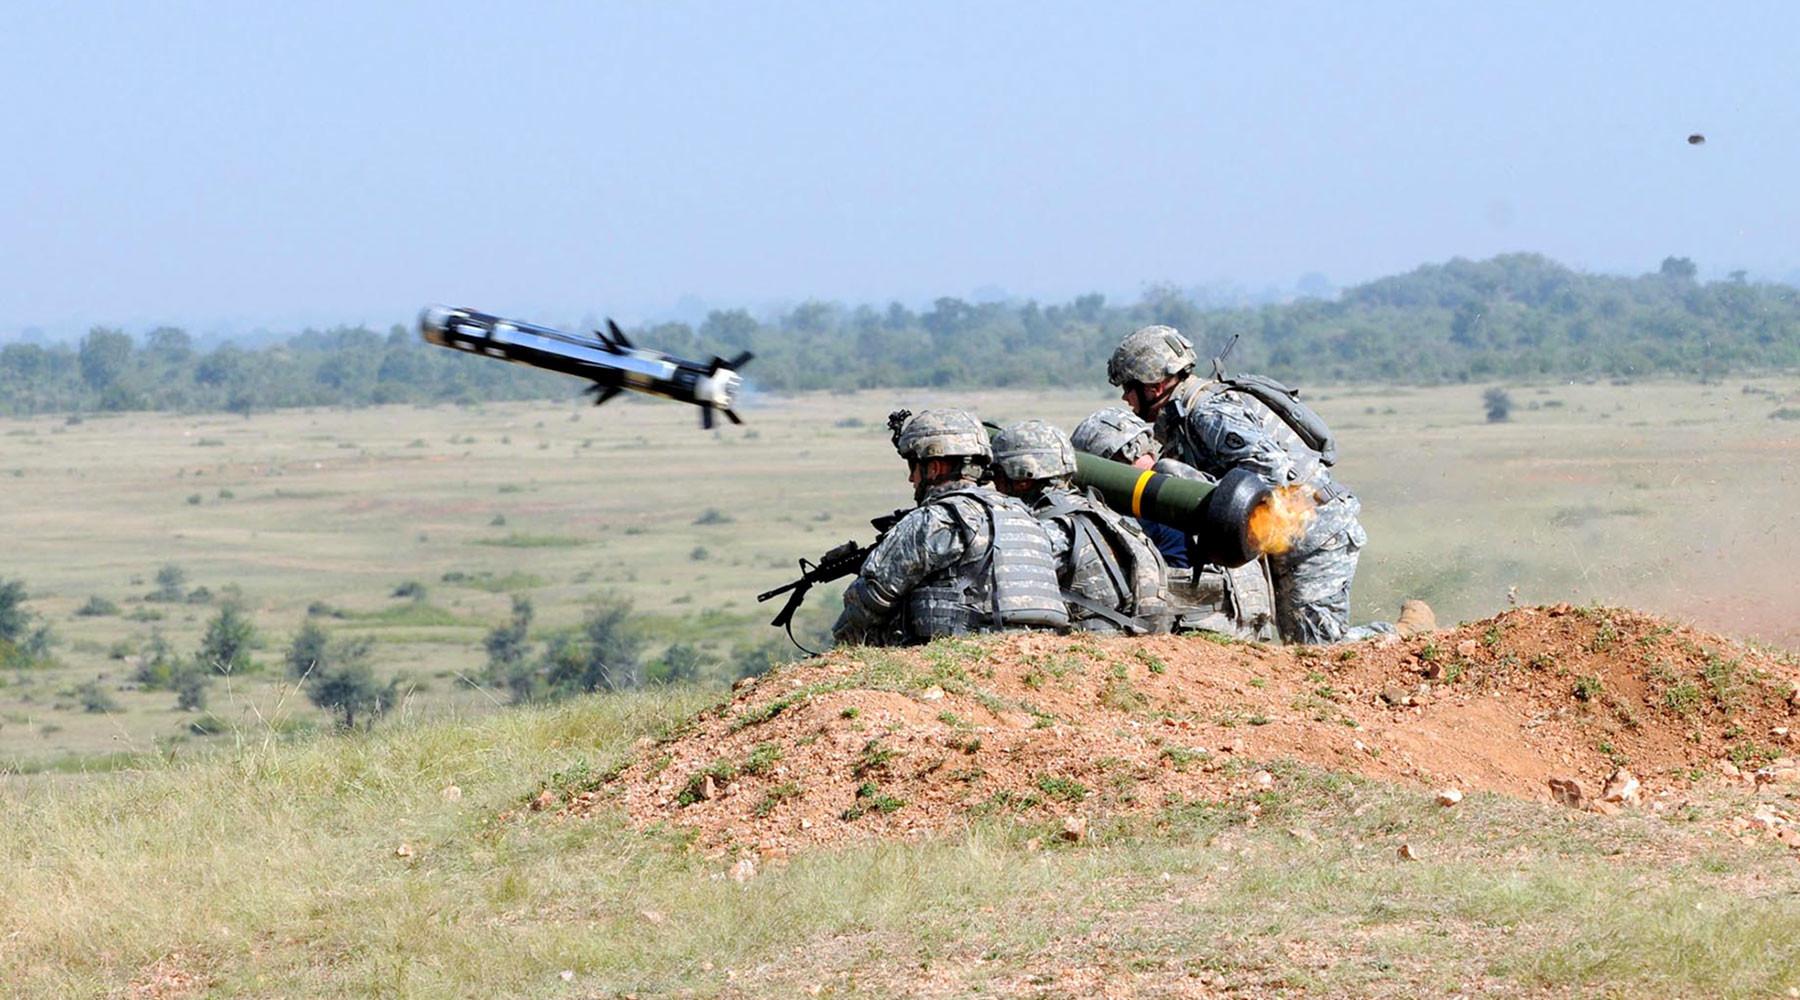 «Чёткий месседж»: Украина попросила у США оружие в обмен на опыт «борьбы с Россией»